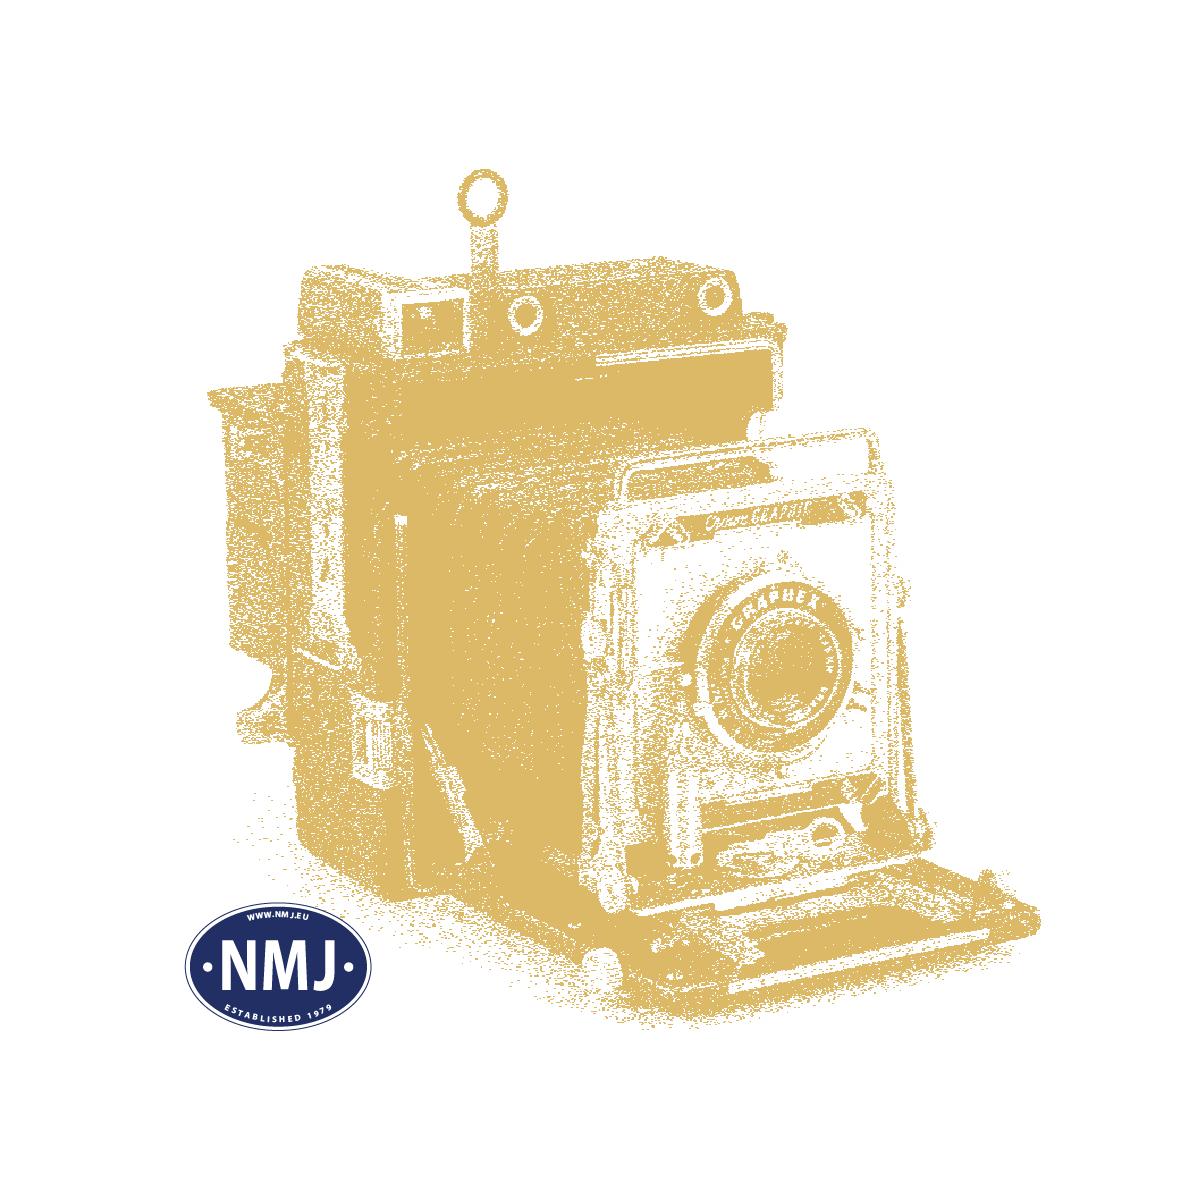 NJKPS176 - På Sporet nr 176, blad